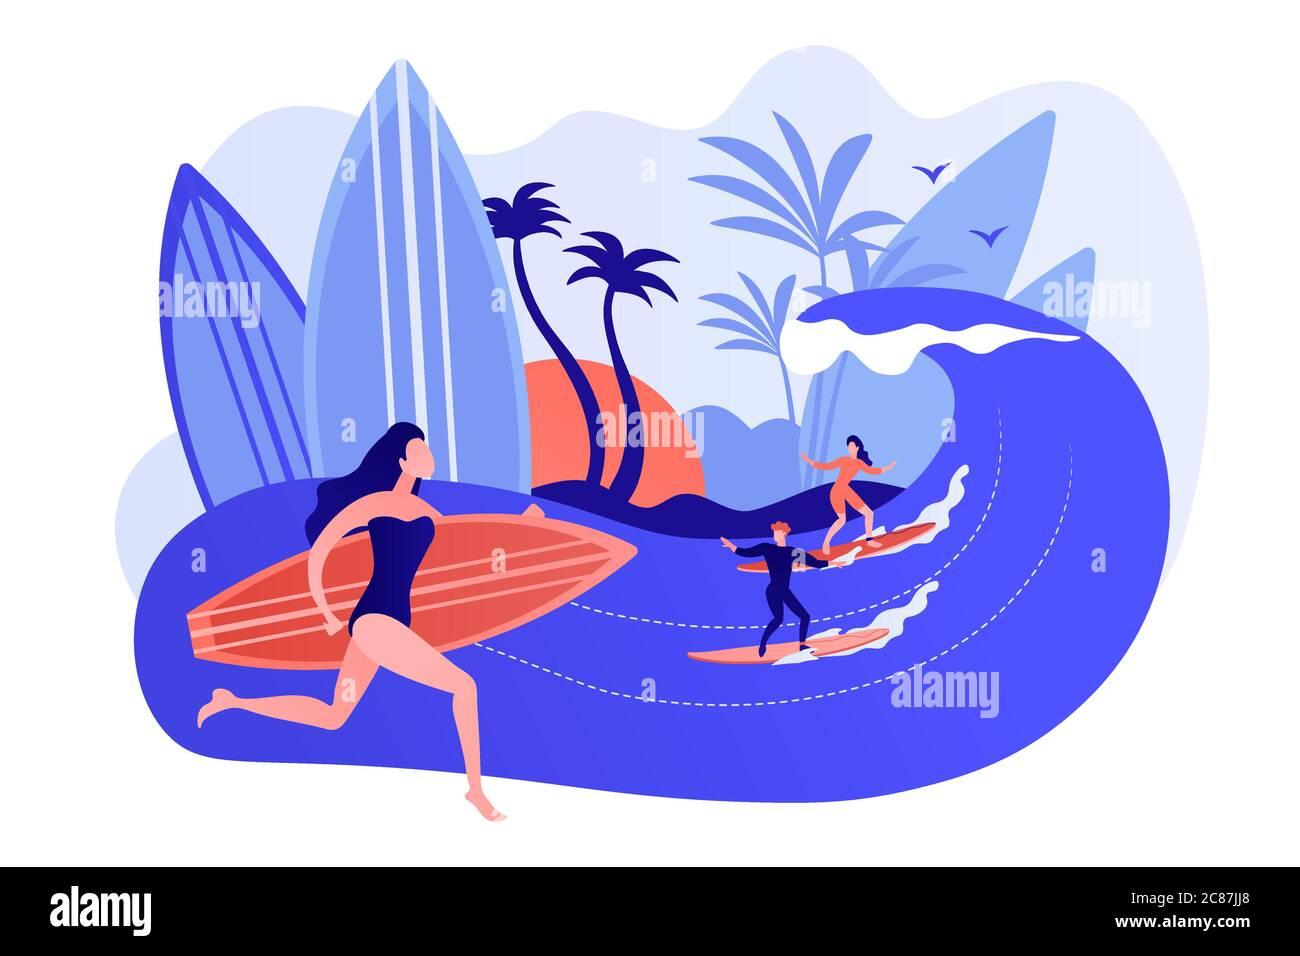 Ilustración vectorial del concepto de escuela de surf. Ilustración del Vector